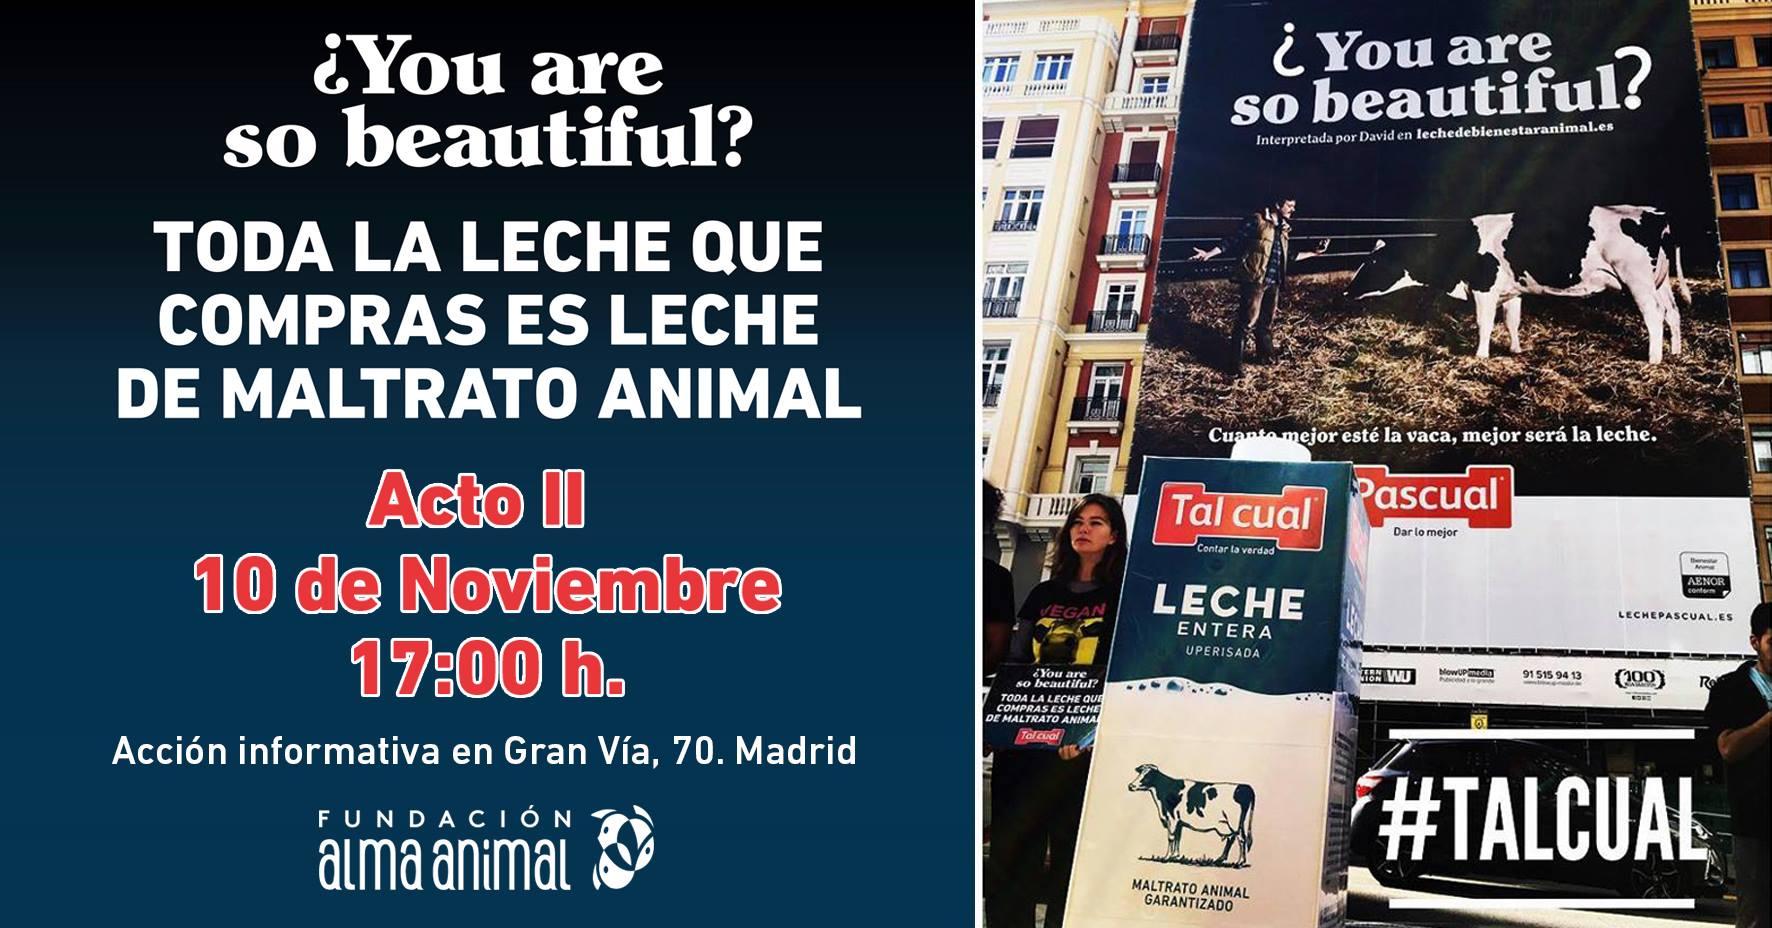 Acto protesta en contra de la industria láctea